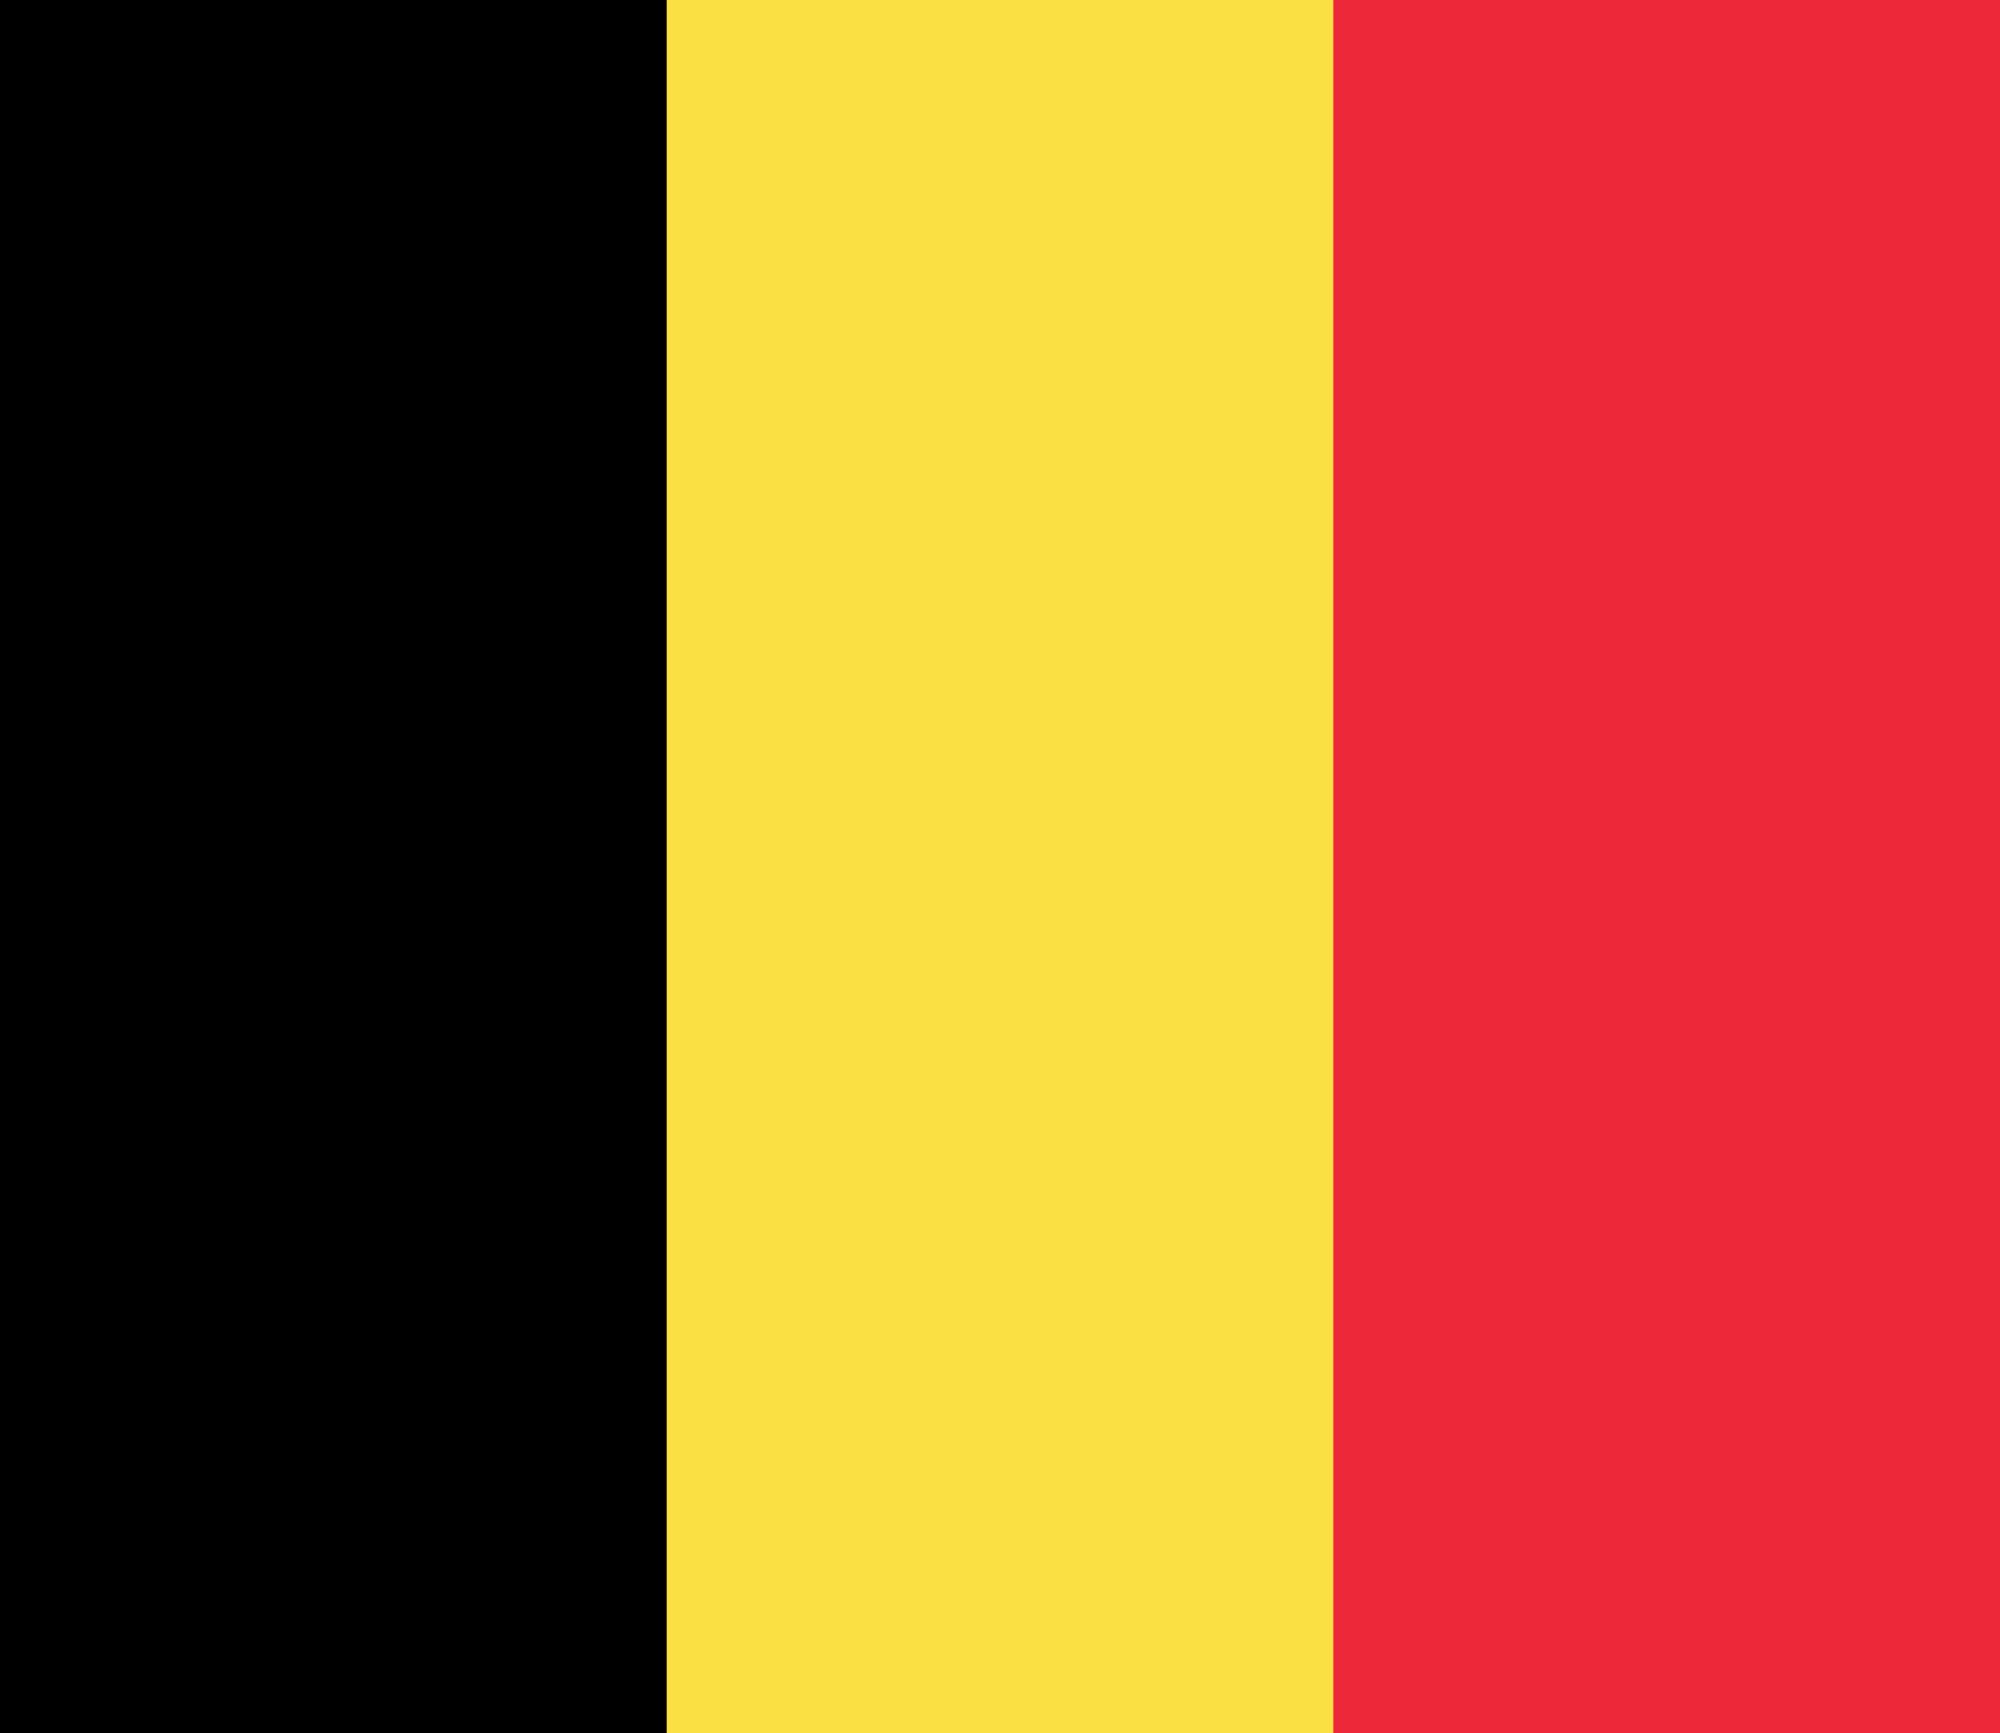 Copy of Belgium/Benelux